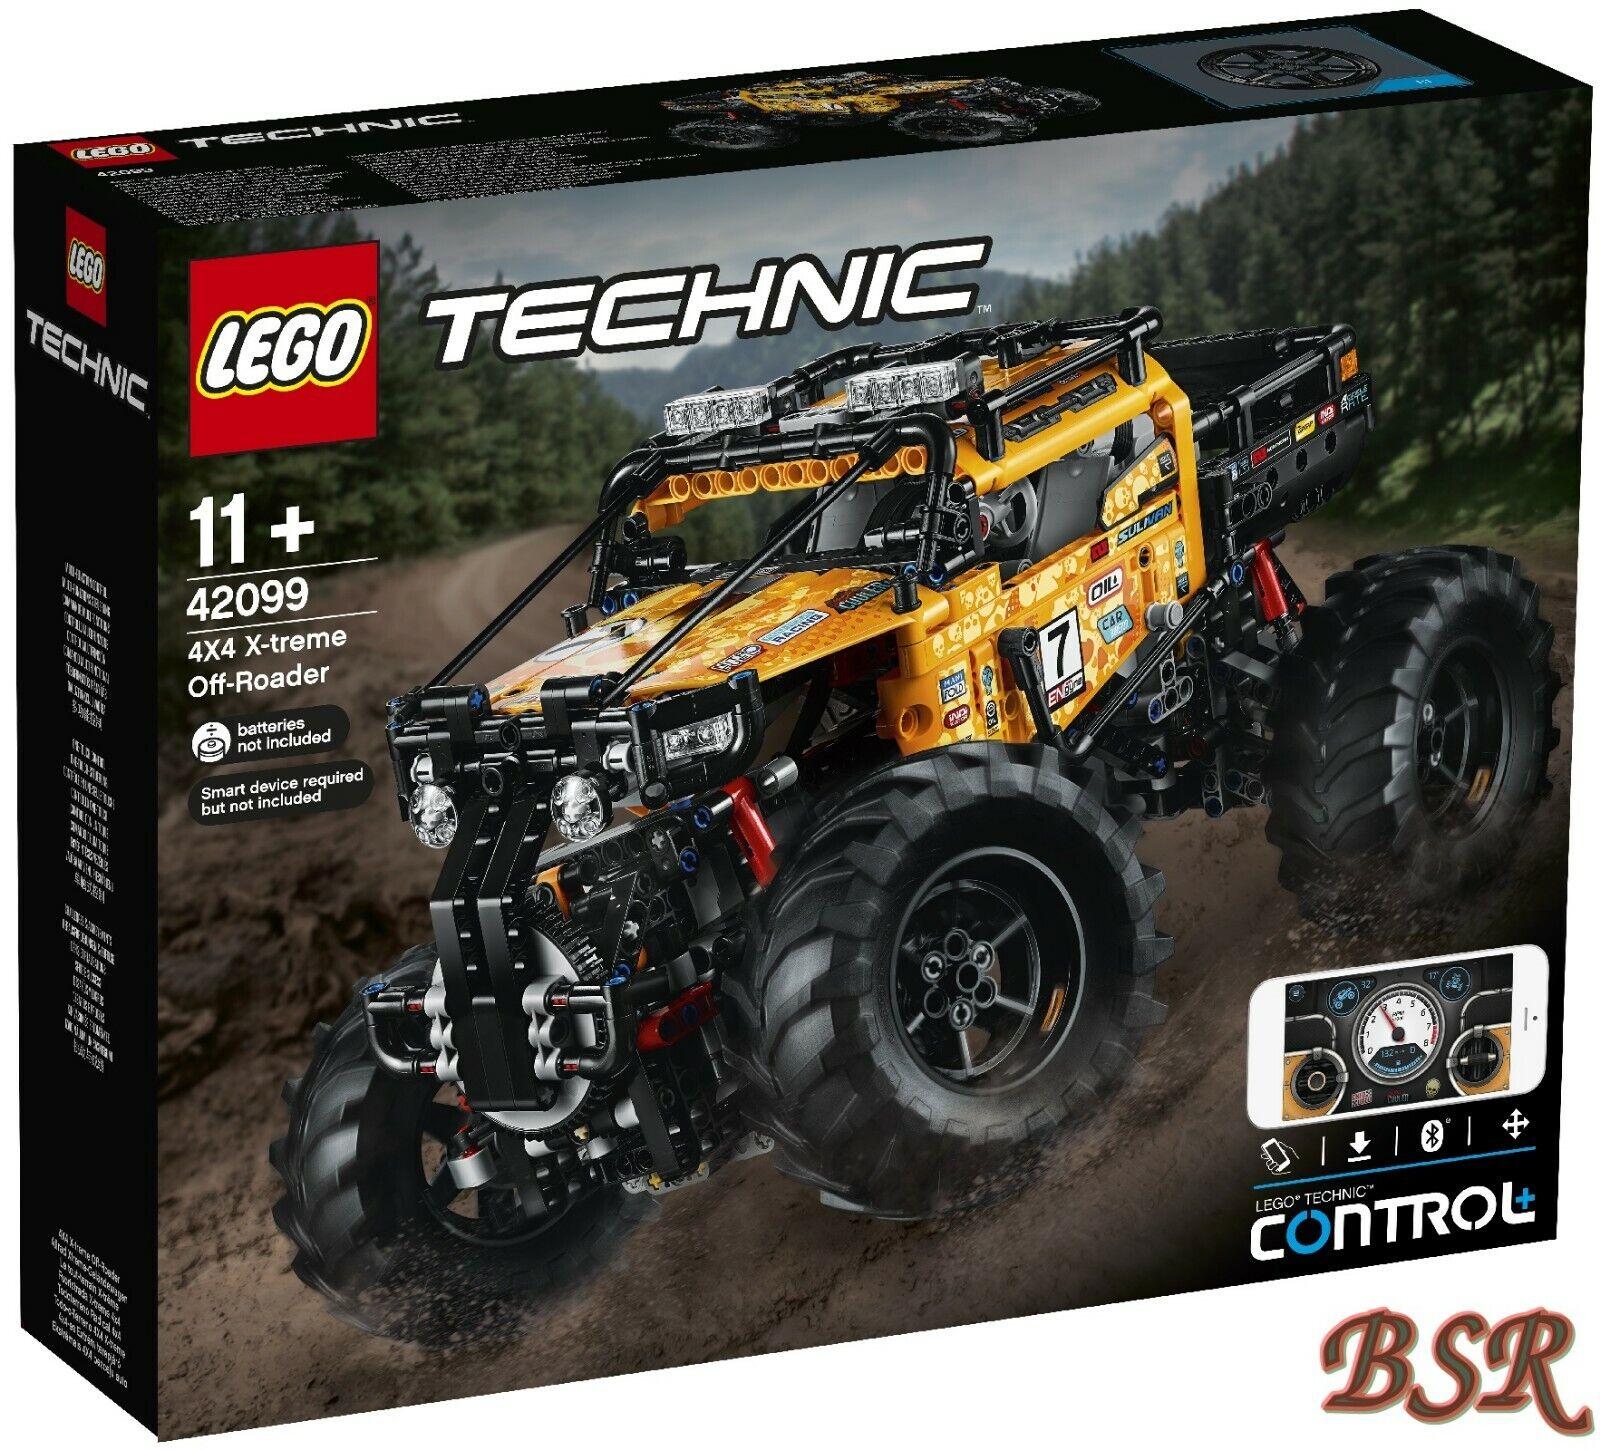 LEGO ® Technologie  42099 roues Xtreme-Véhicule Tout-terrain &  0. - expédition & NOUVEAU & NEUF dans sa boîte  40% de réduction